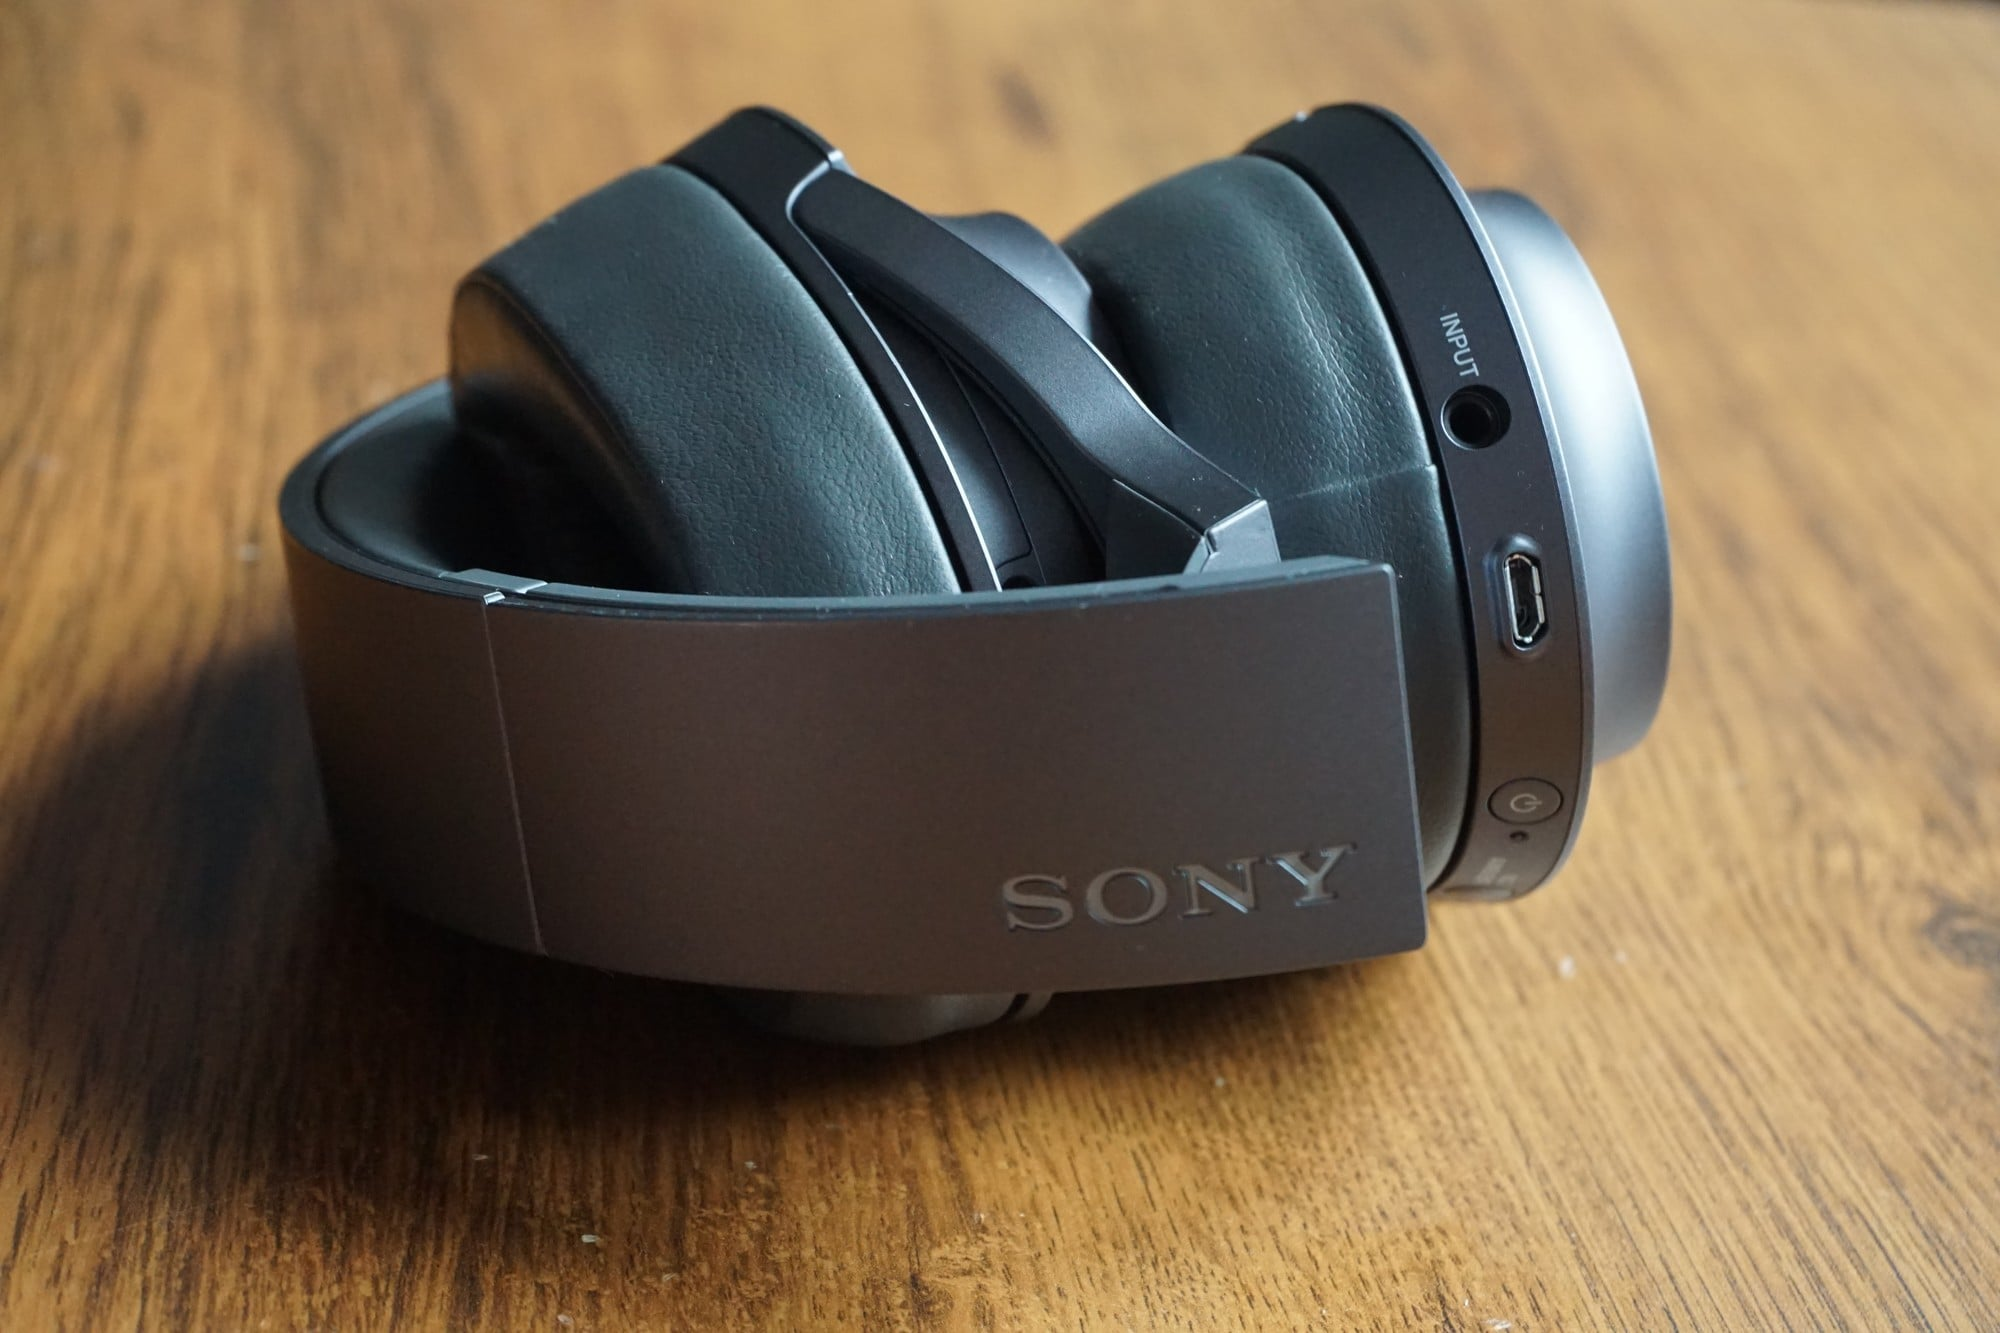 Recenzja Sony h.ear on 2 - kompletne słuchawki mobilne, które nie walczą o tytuł urządzenia idealnego 35